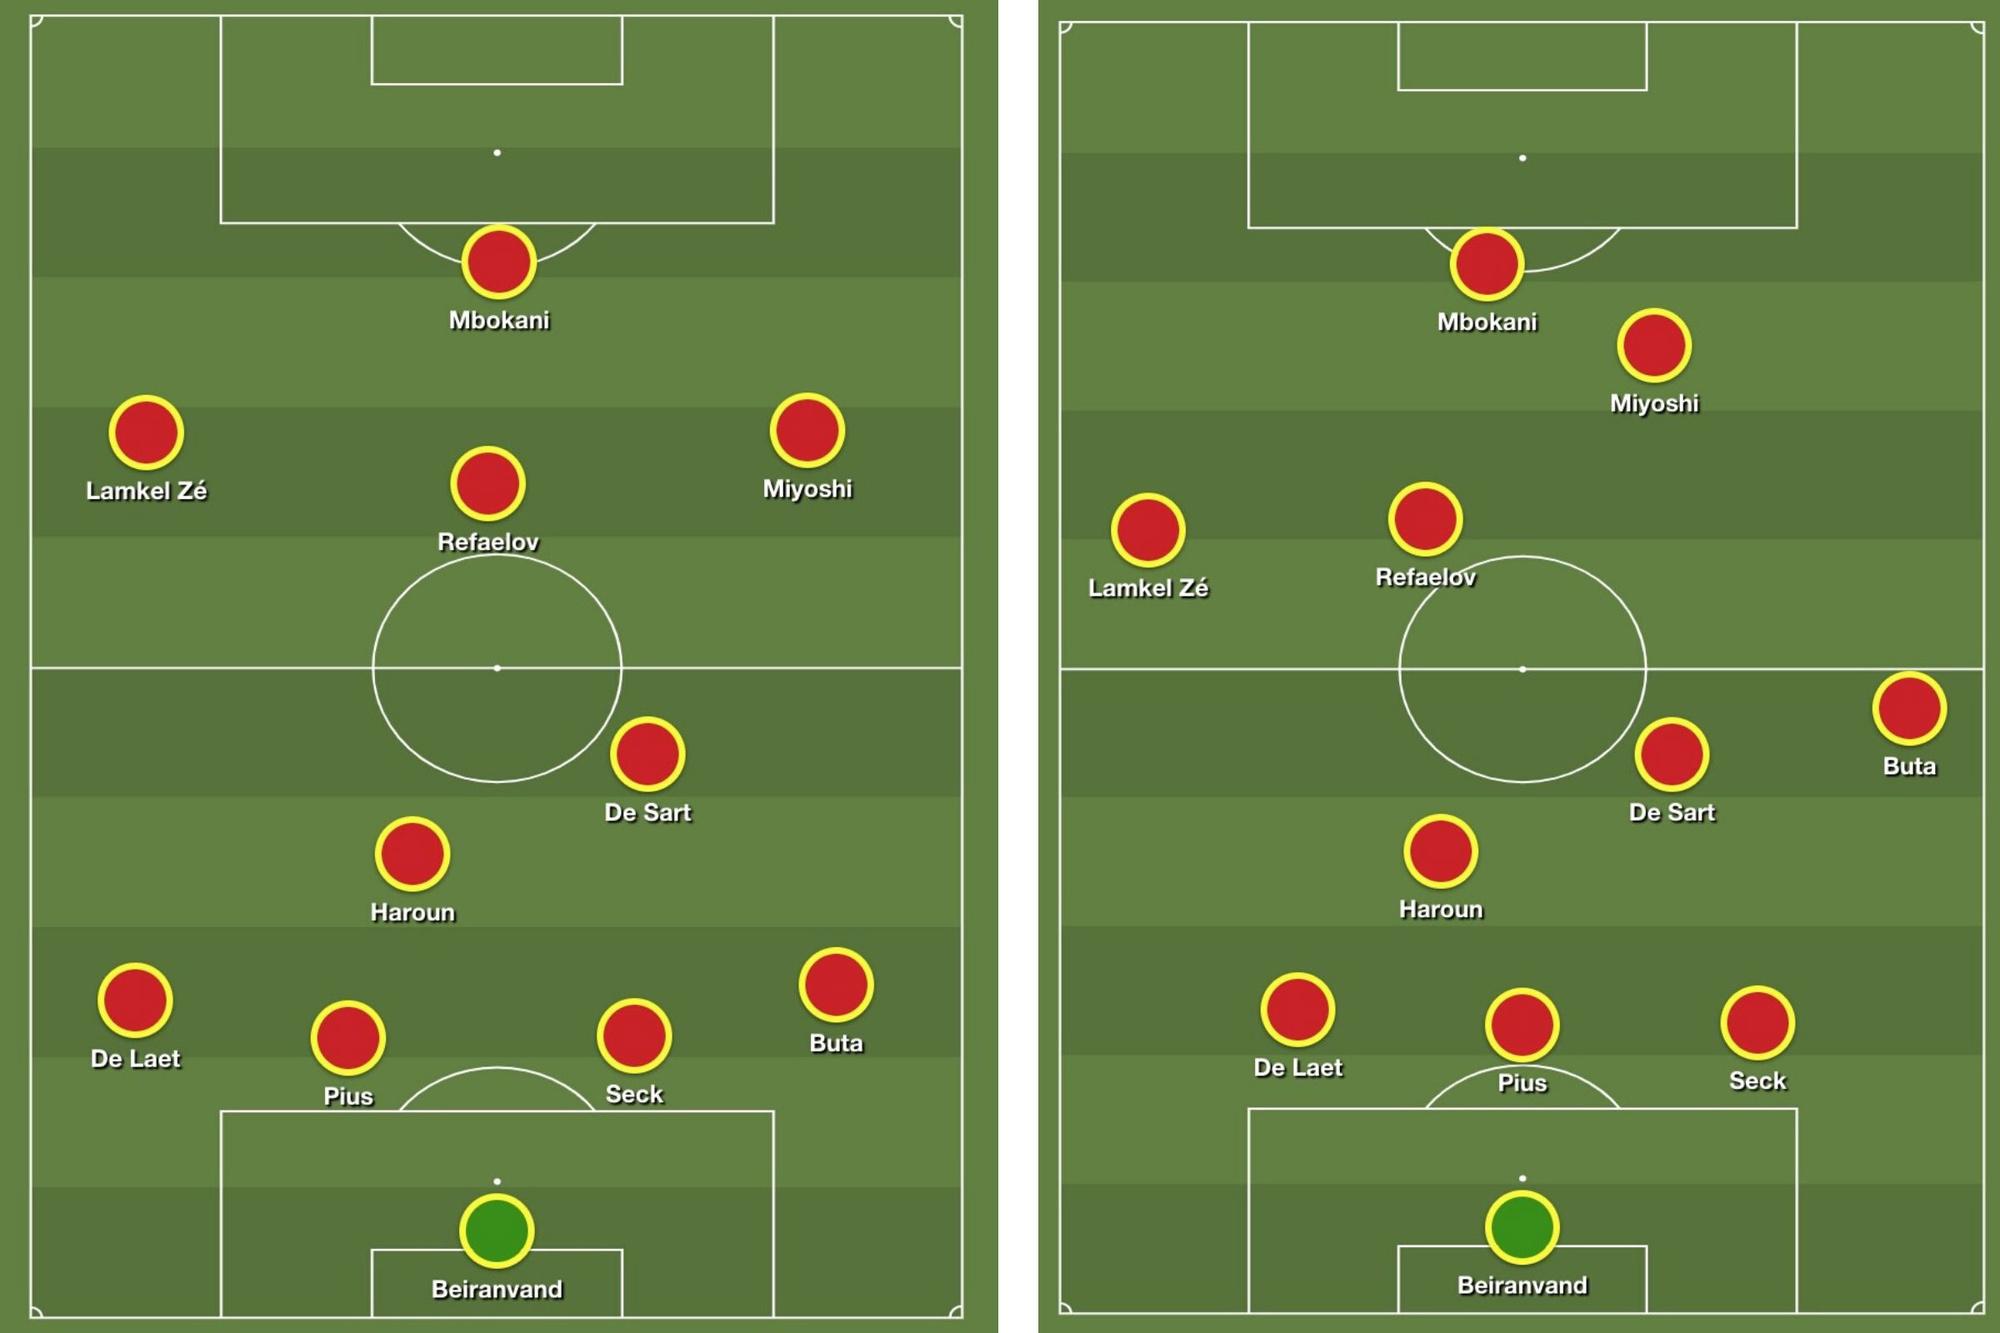 Twee mogelijke opstellingen van Antwerp voor komend seizoen, met telkens dezelfde namen. Mits wat schuifwerk kan een 4-2-3-1 dus snel een 3-5-2 worden en omgekeerd., Redactie